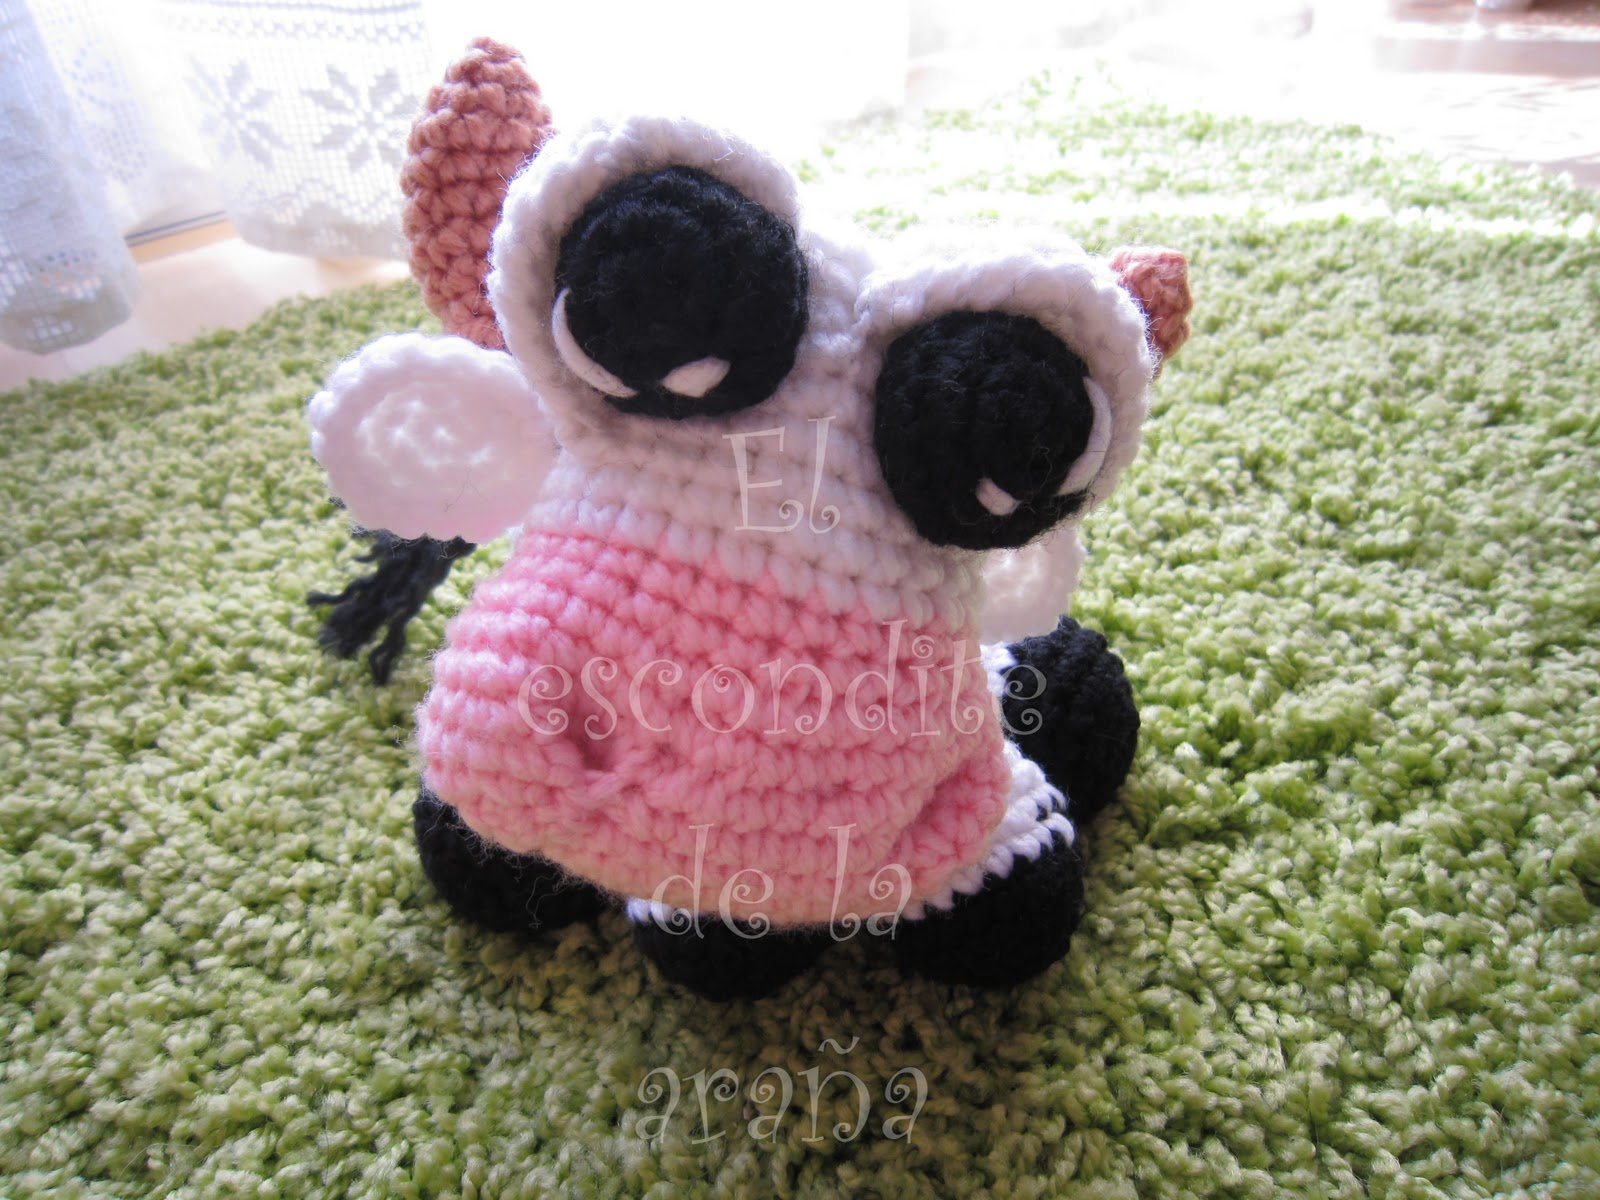 Hacer Vaca Amigurumi : El escondite de la arana: 06-dic-2011